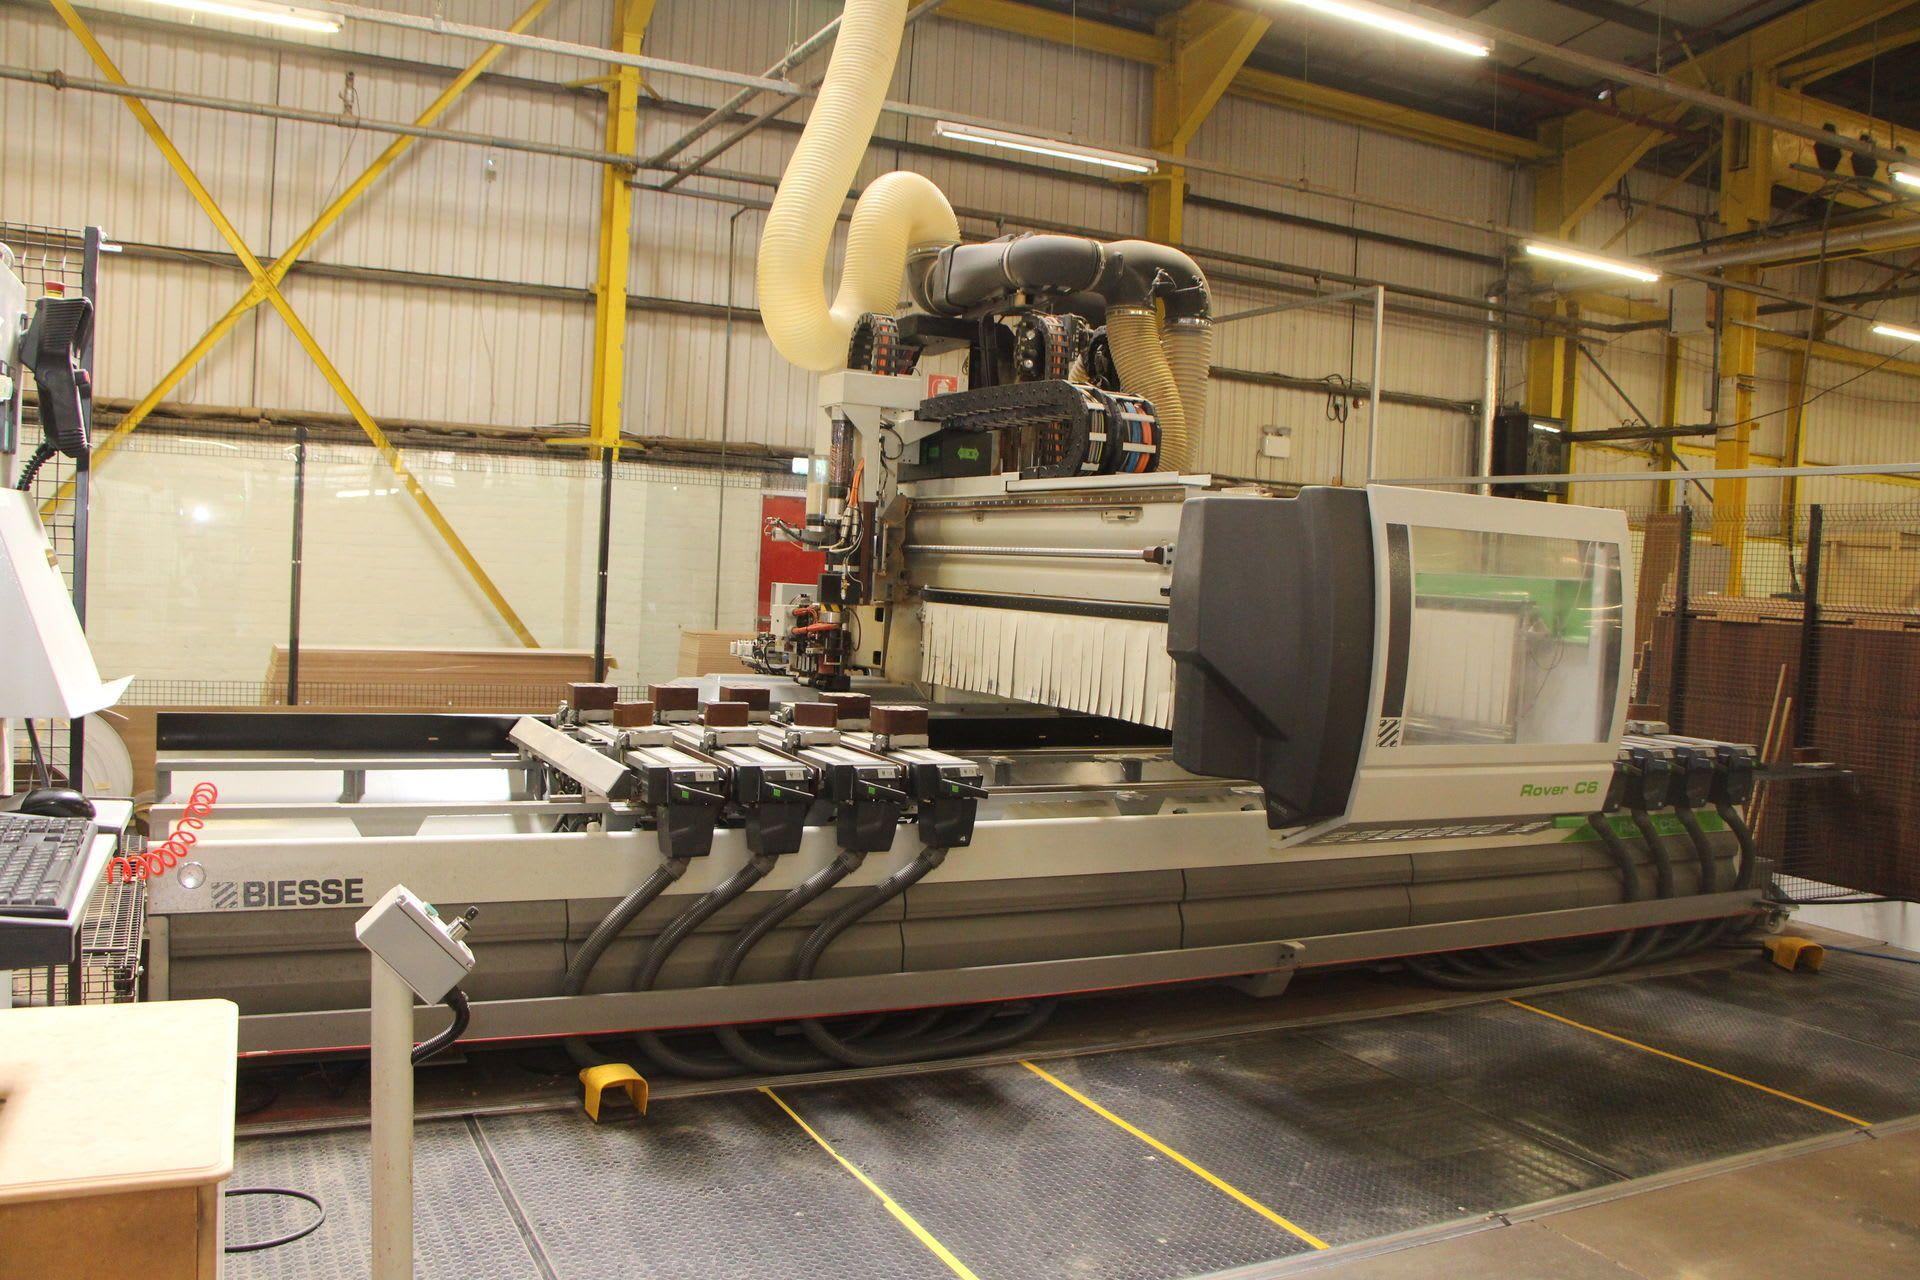 BIESSE ROVER C 6.50 CONF.2 EDGE CNC-Bearbeitungszentrum mit Verleimung